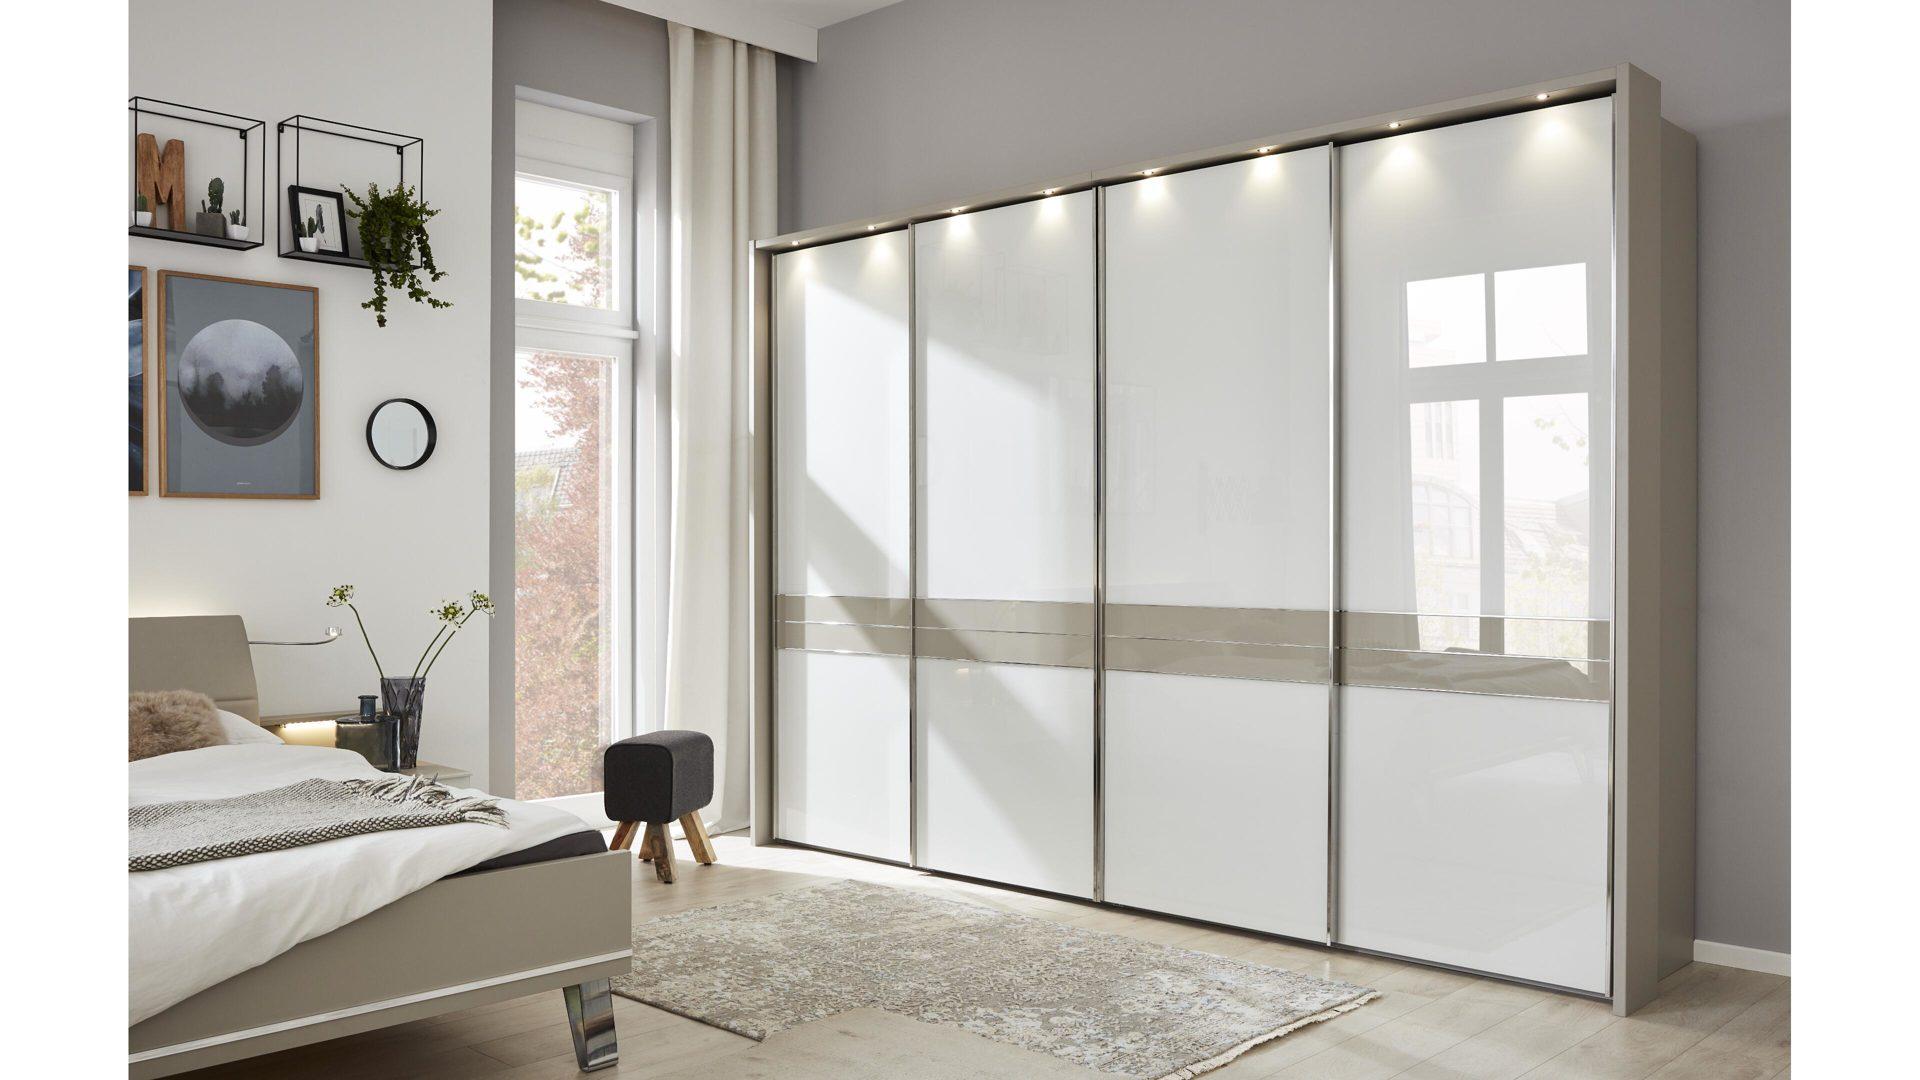 Interliving Schlafzimmer Serie 1009 – Schwebetürenschrank, weiße Glas- &  kieselgraue Kunststoffoberflächen – vier Türen